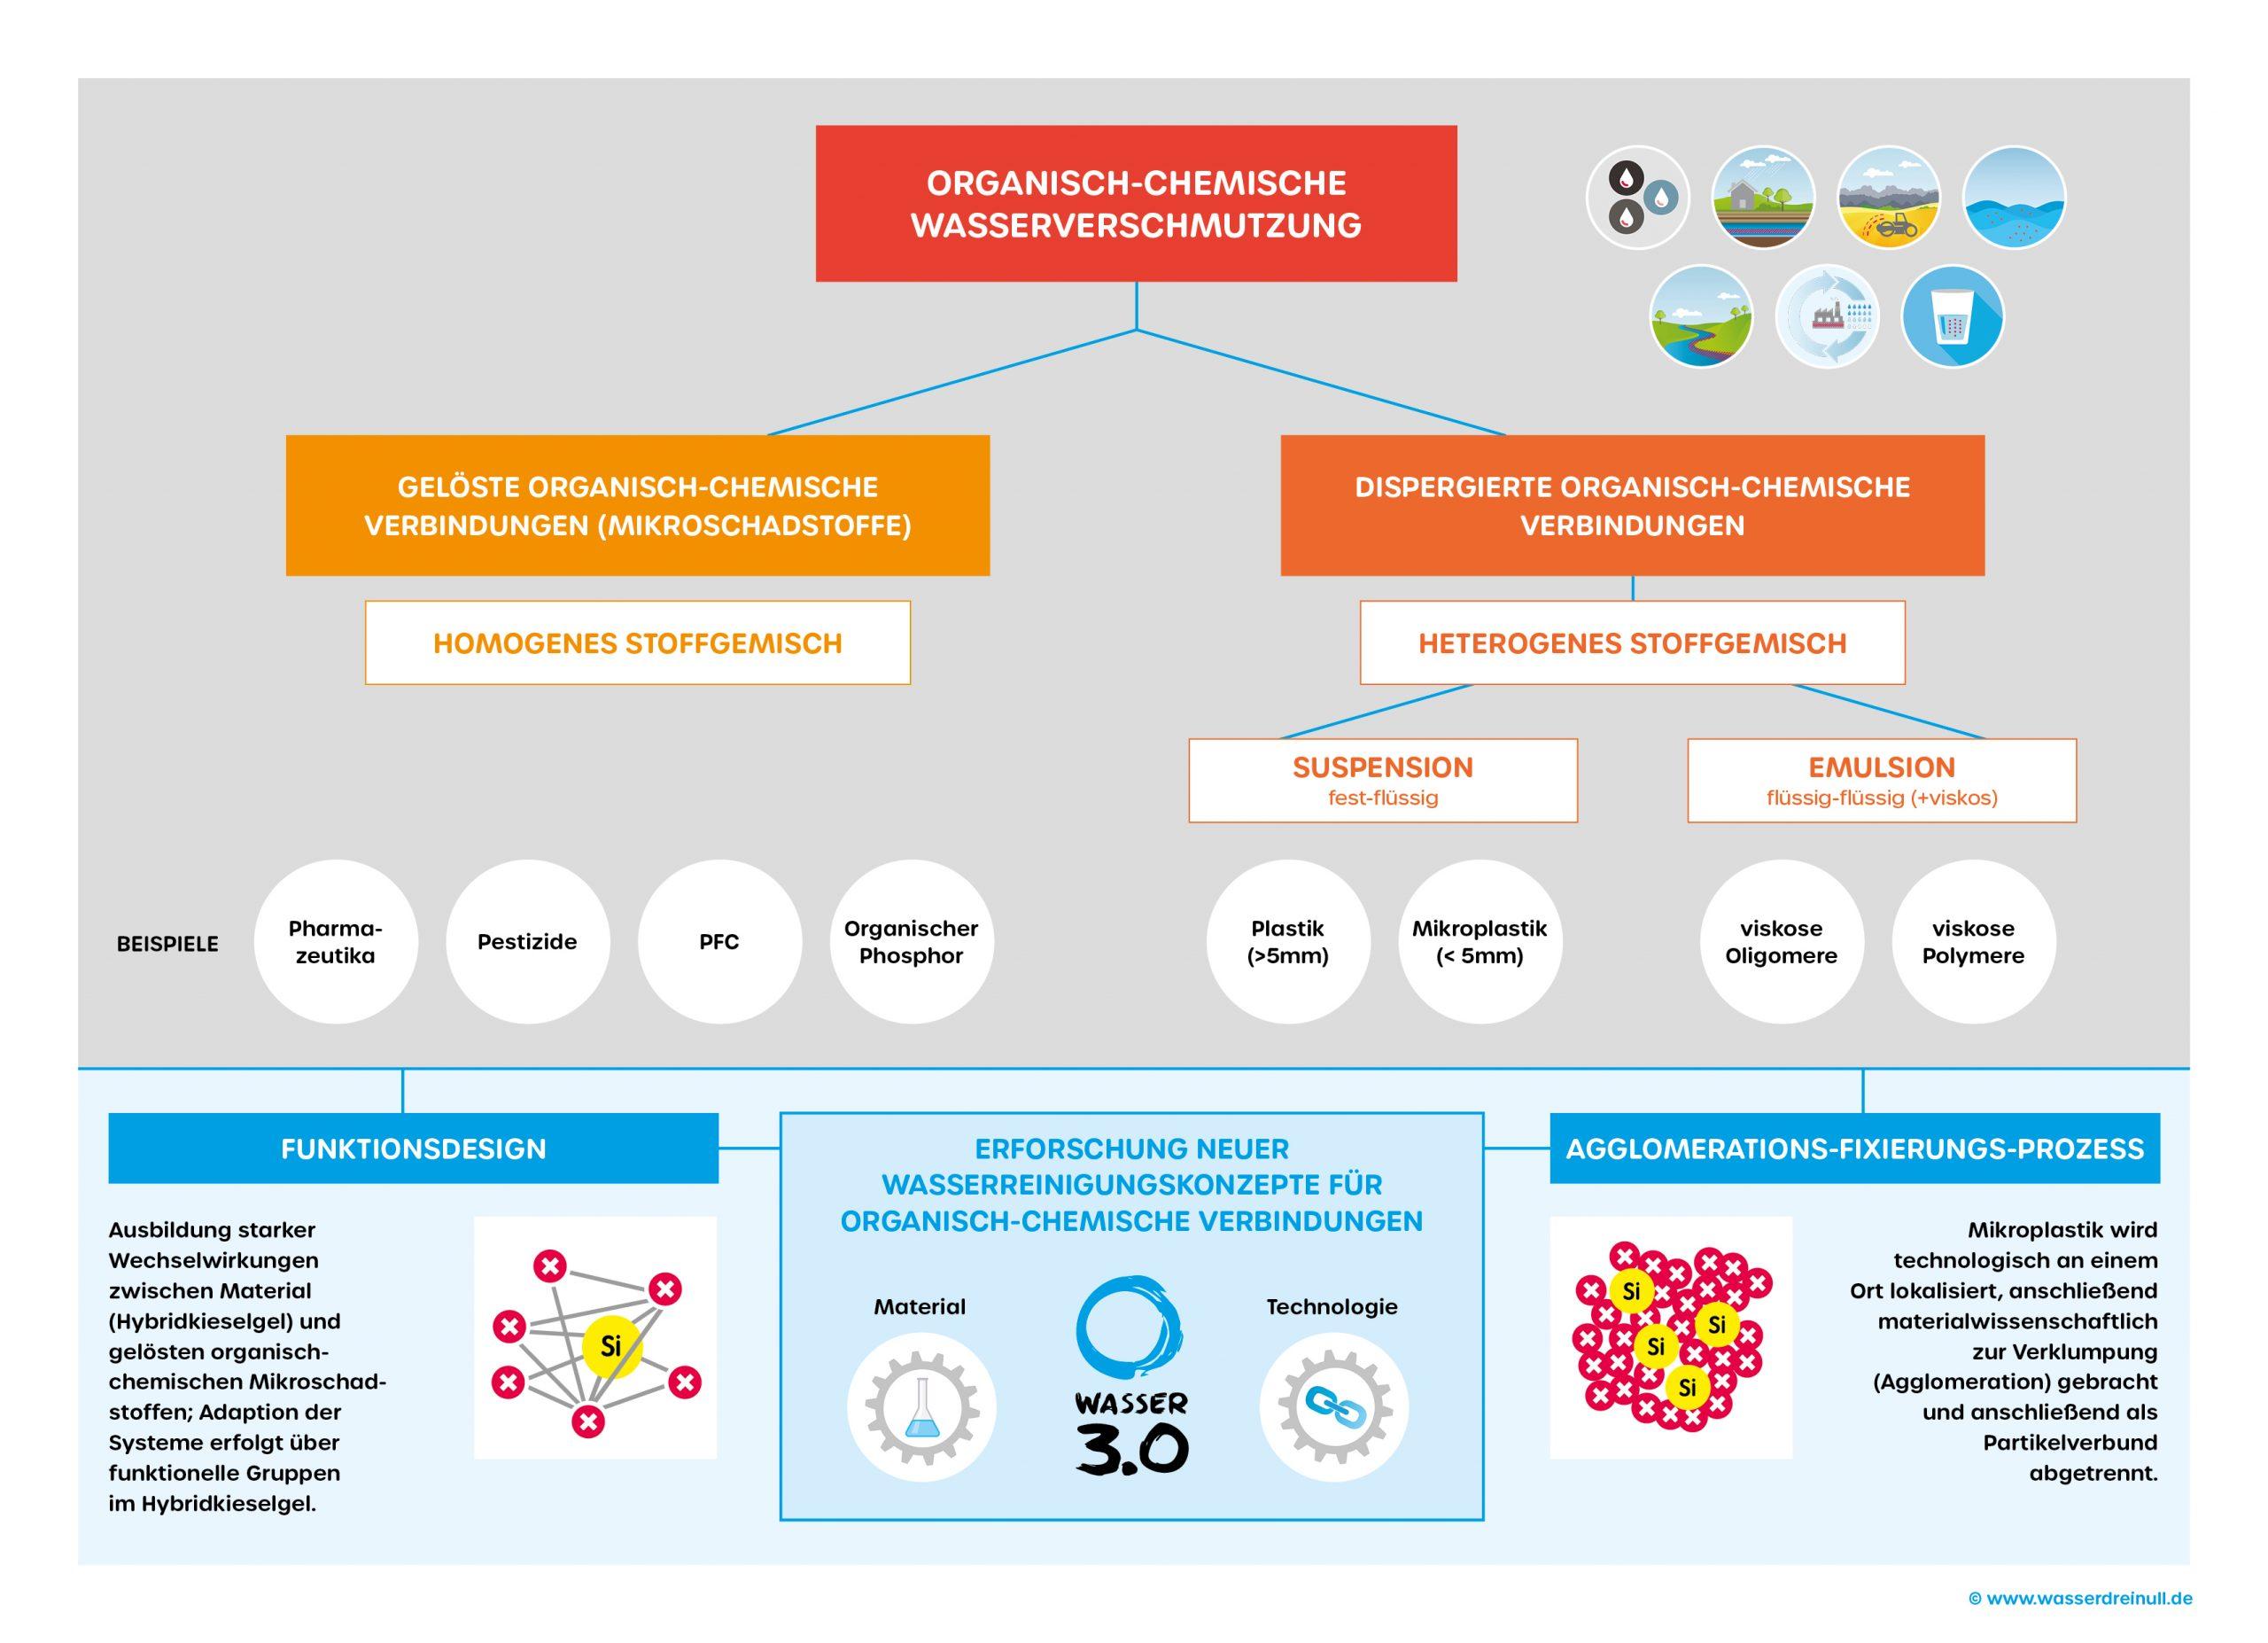 Übersichtsgrafik über organisch-chemische Wasserverschmutzungen und die <br> Anwendungs- und Lösungsorientierte Herangehensweise von Wasser 3.0 im Bereich der verantwortungsbewussten Forschung